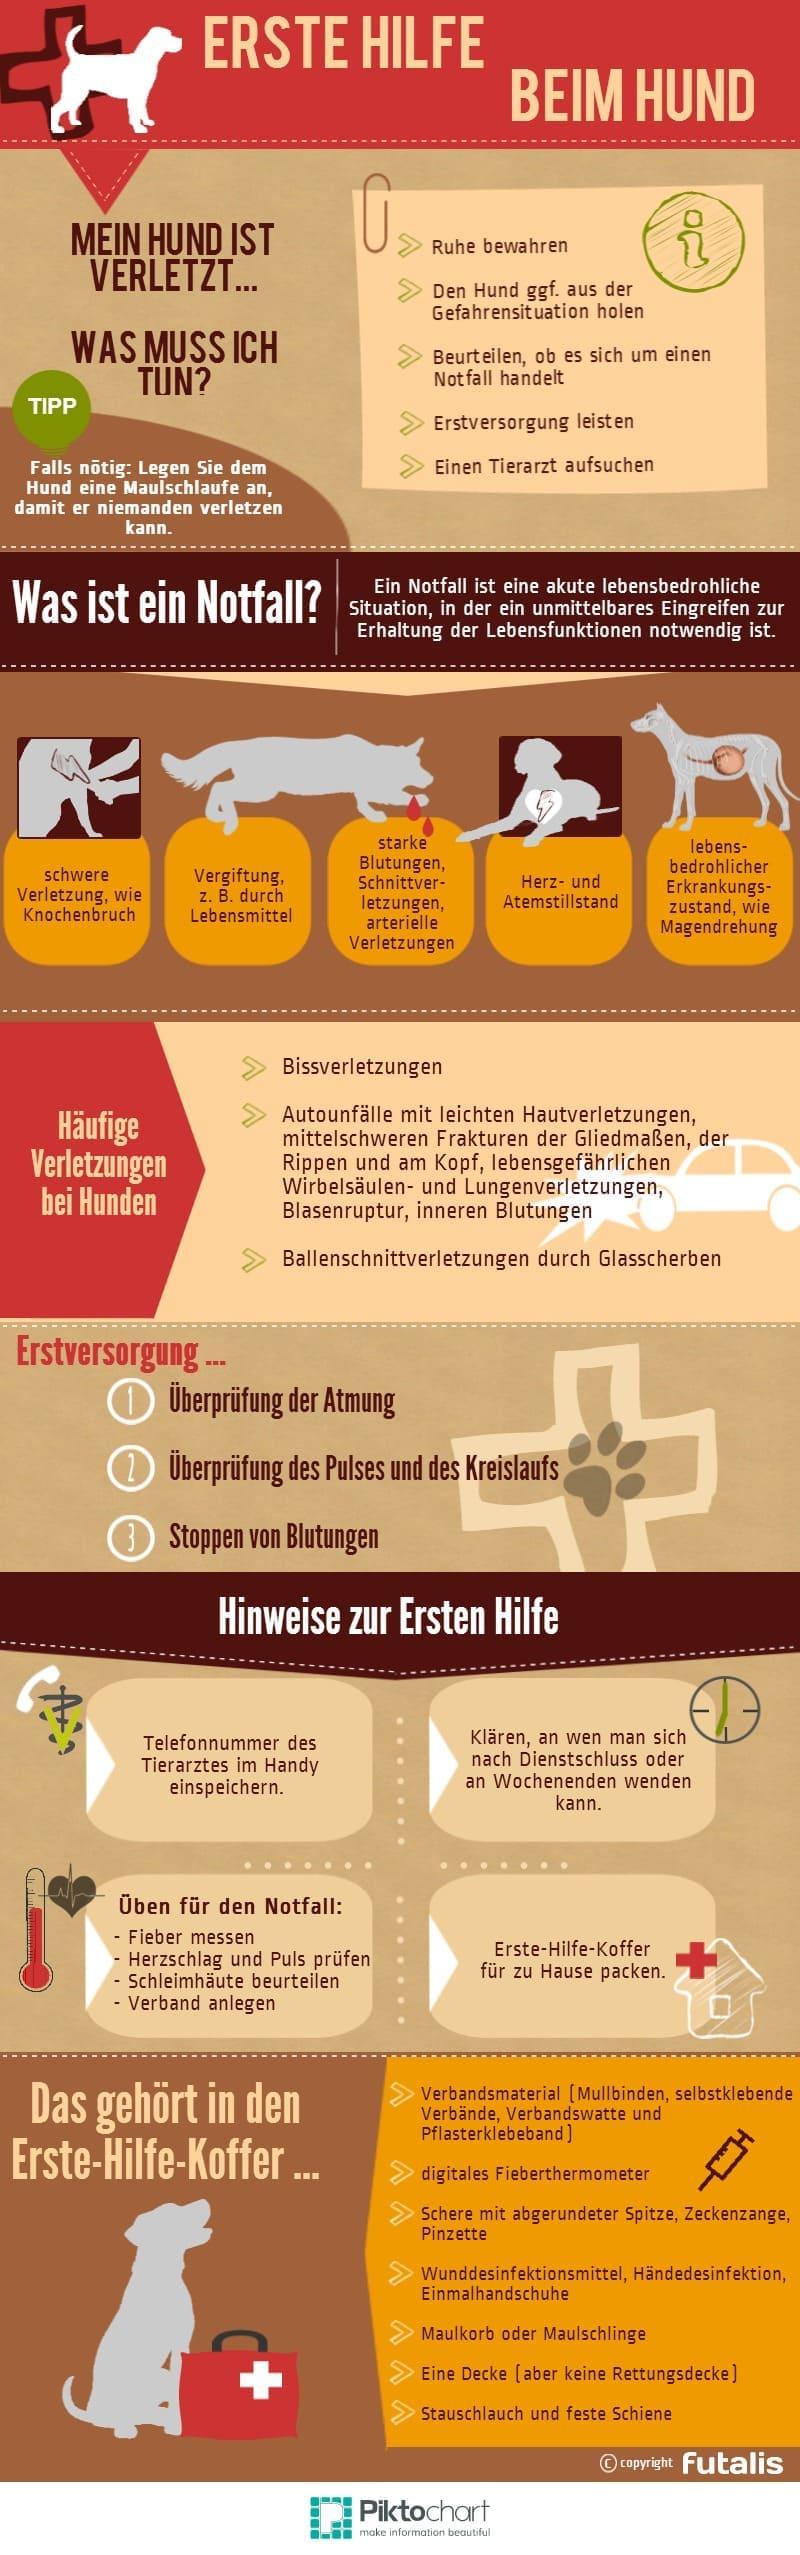 Erste Hilfe beim Hund: Infografik